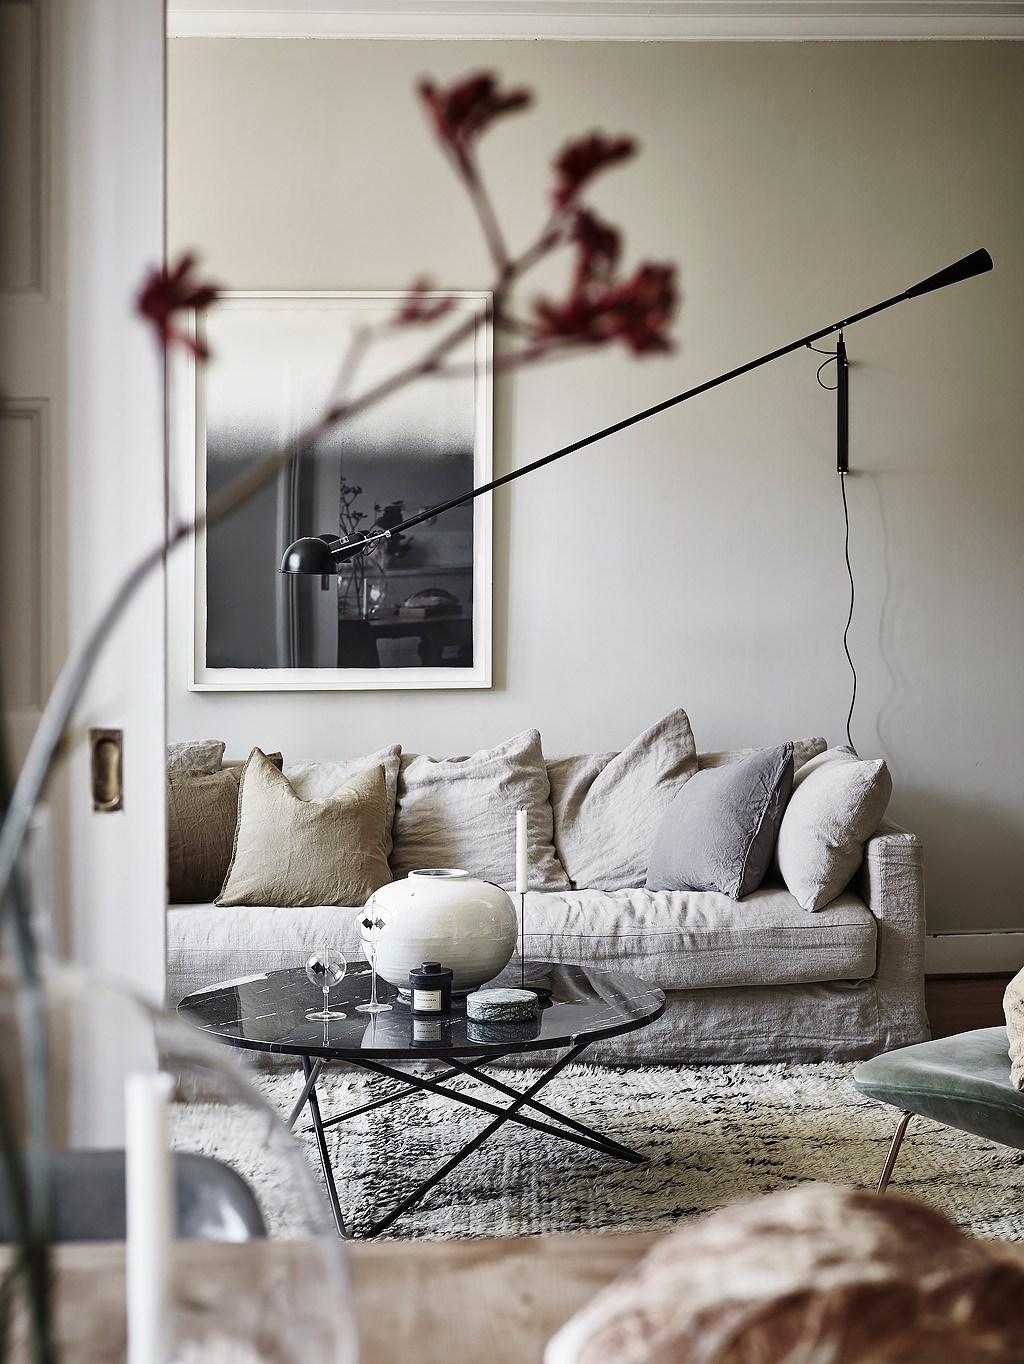 deco-mur-blanc-beige-greige-interieur-nordique-scandinave-FrenchyFancy-3